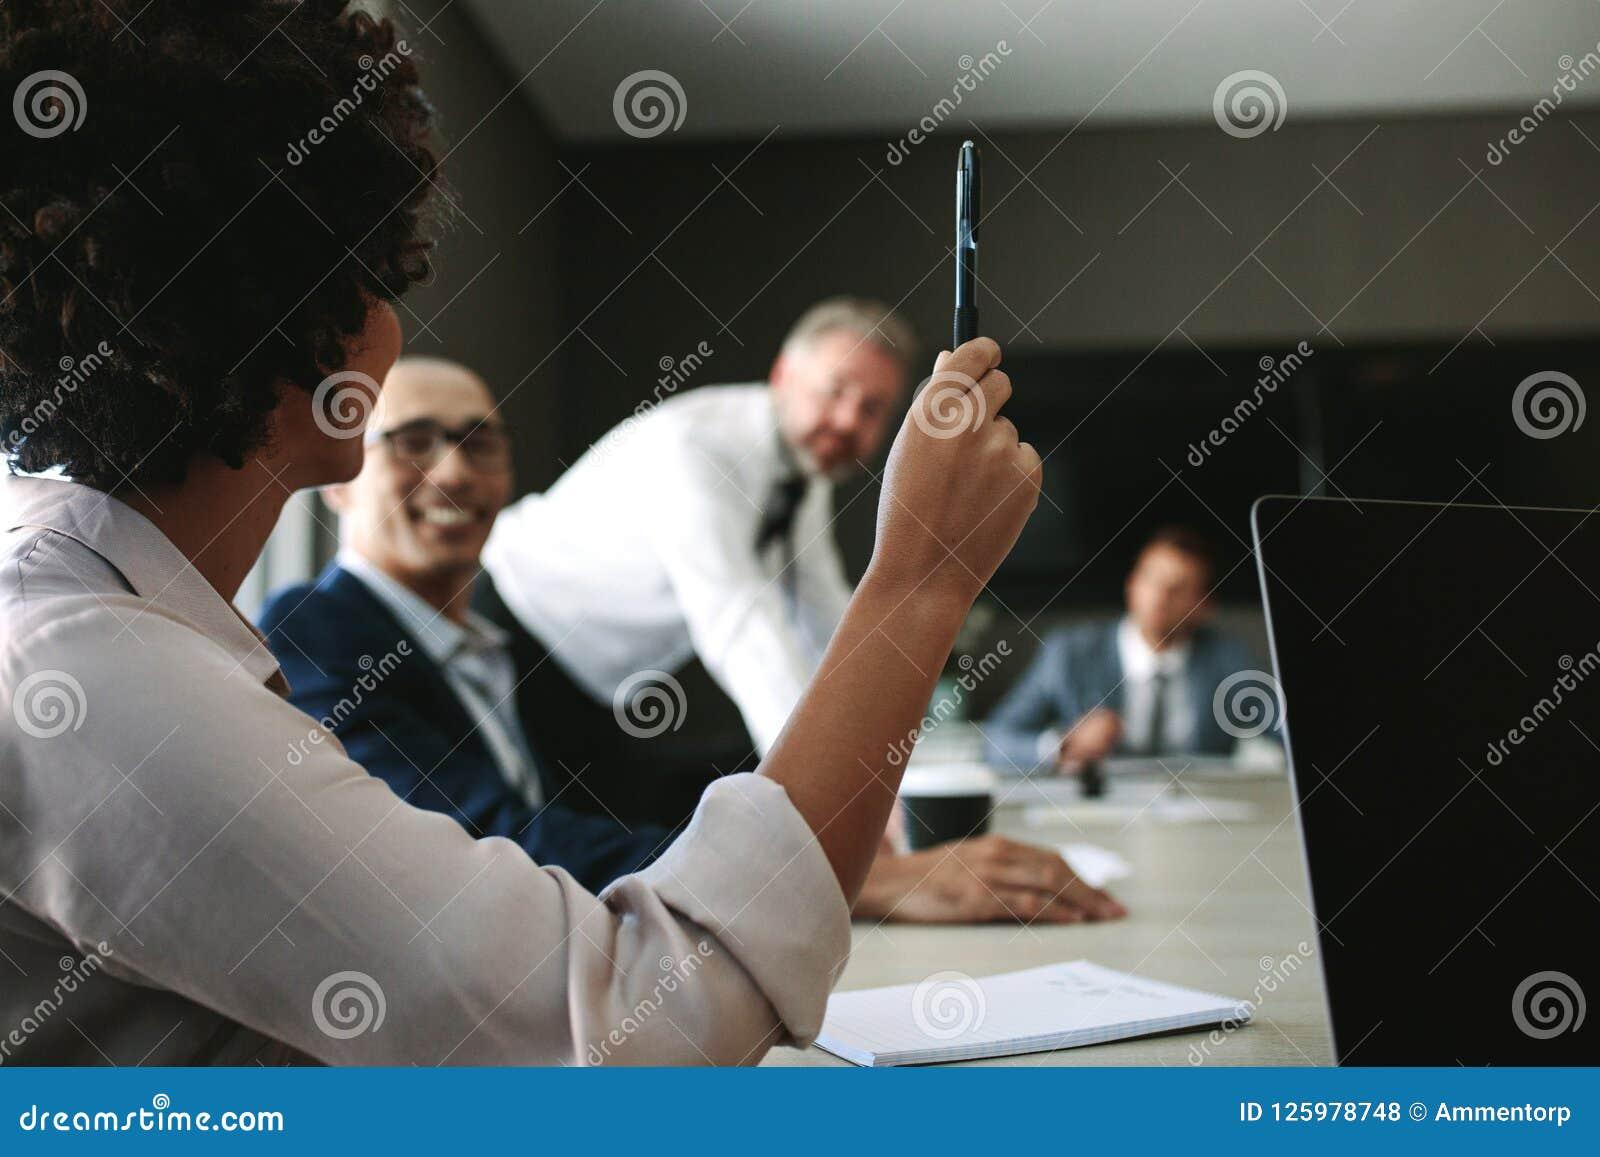 Kobieta pyta zapytanie podczas spotkania